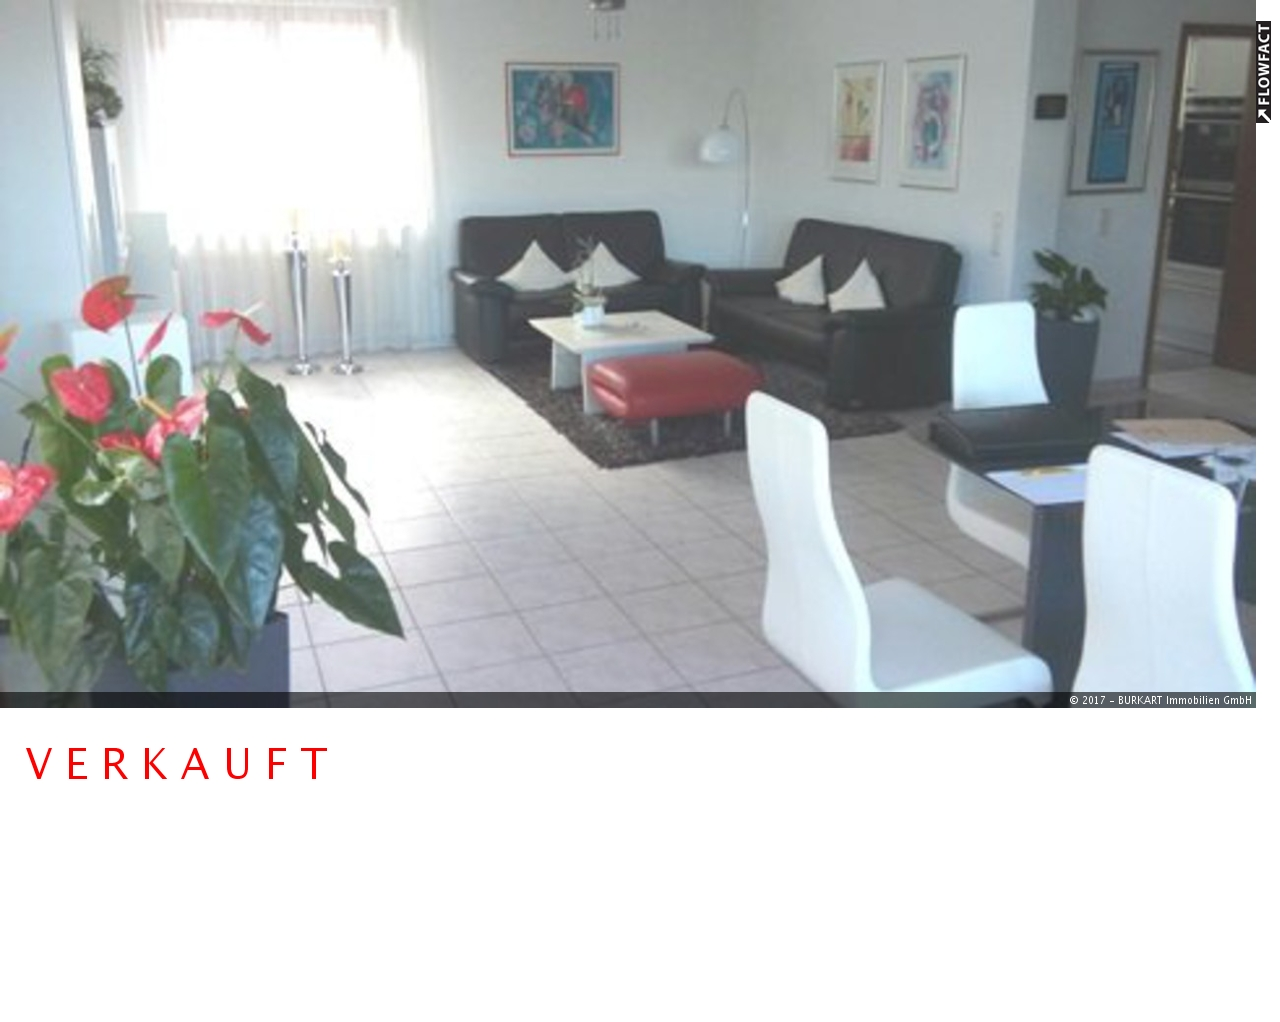 ++VERKAUFT++ Gepflegte 4-Zi.-Wohnung in grenznaher Lage von Weil am Rhein, 79576 Weil am Rhein (Friedlingen), Etagenwohnung